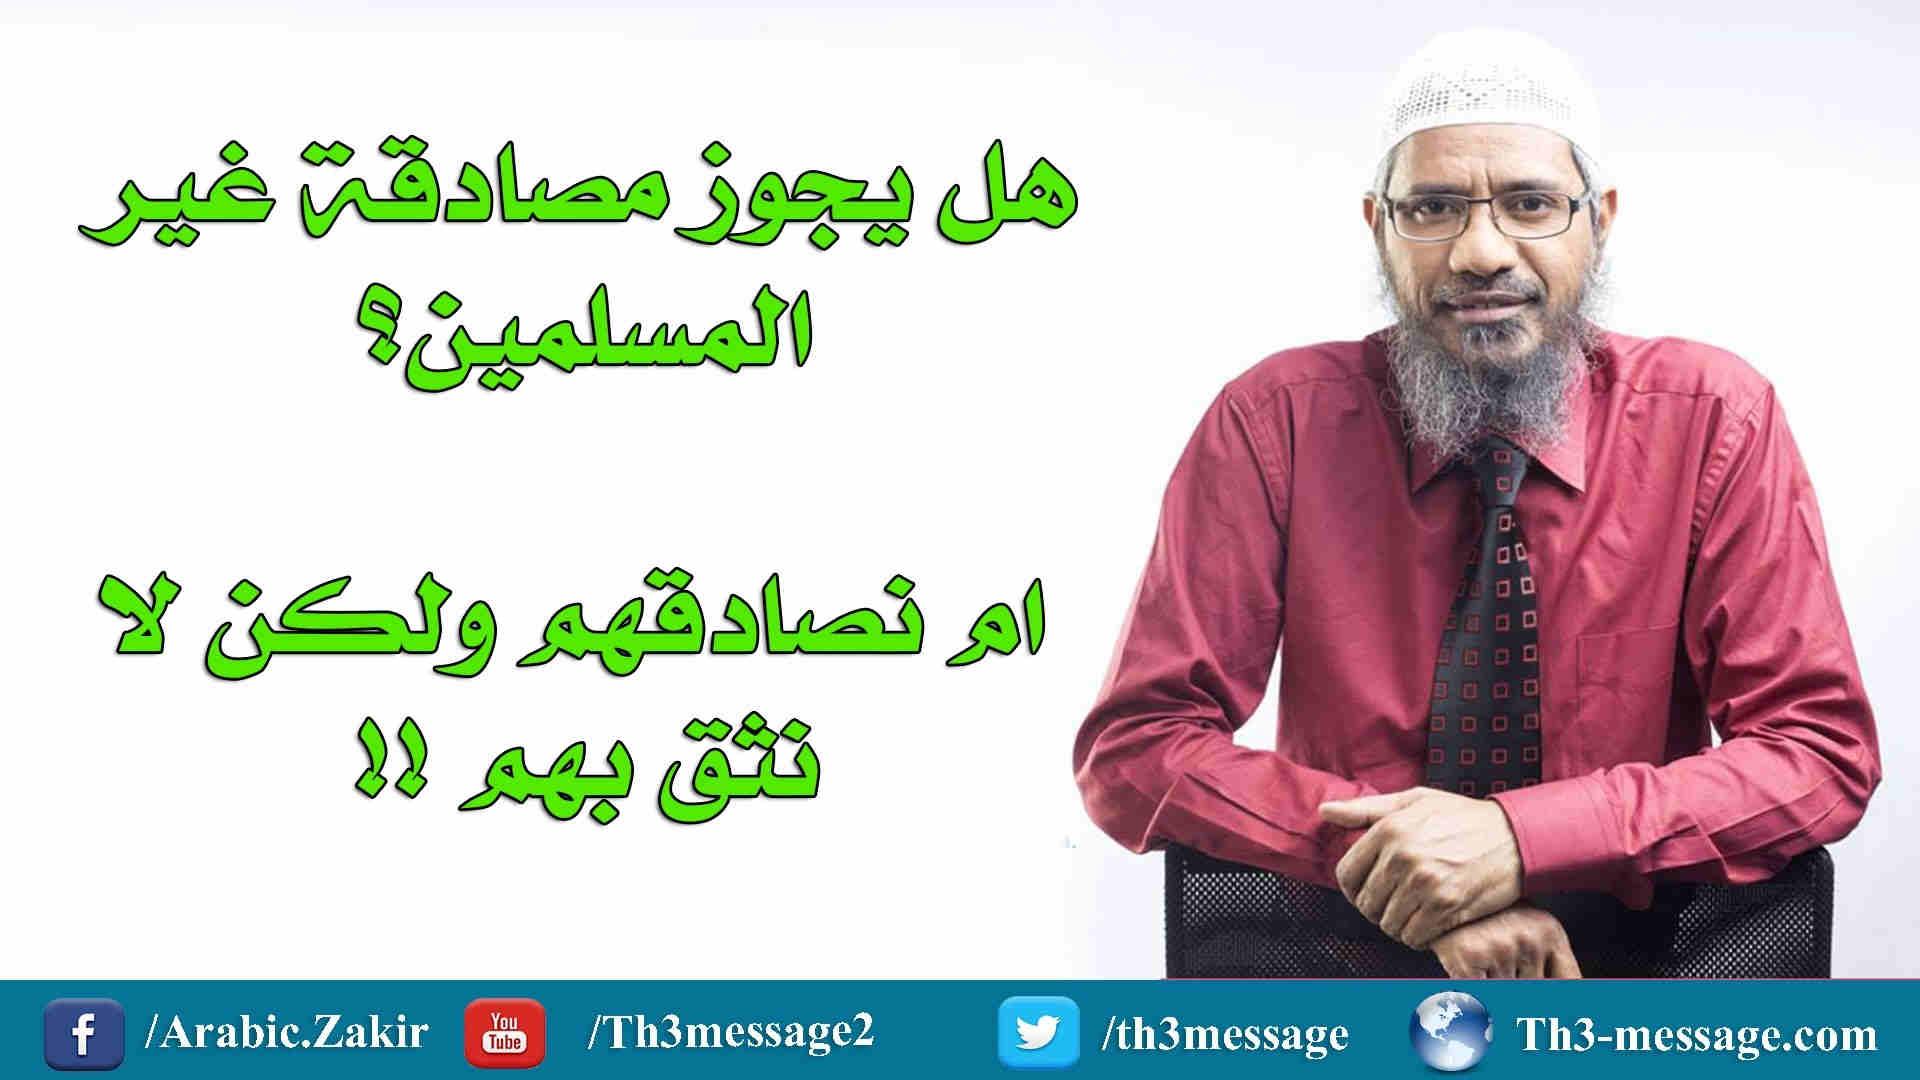 الصداقة مع غير المسلمين - ذاكر نايك Zakir Naik